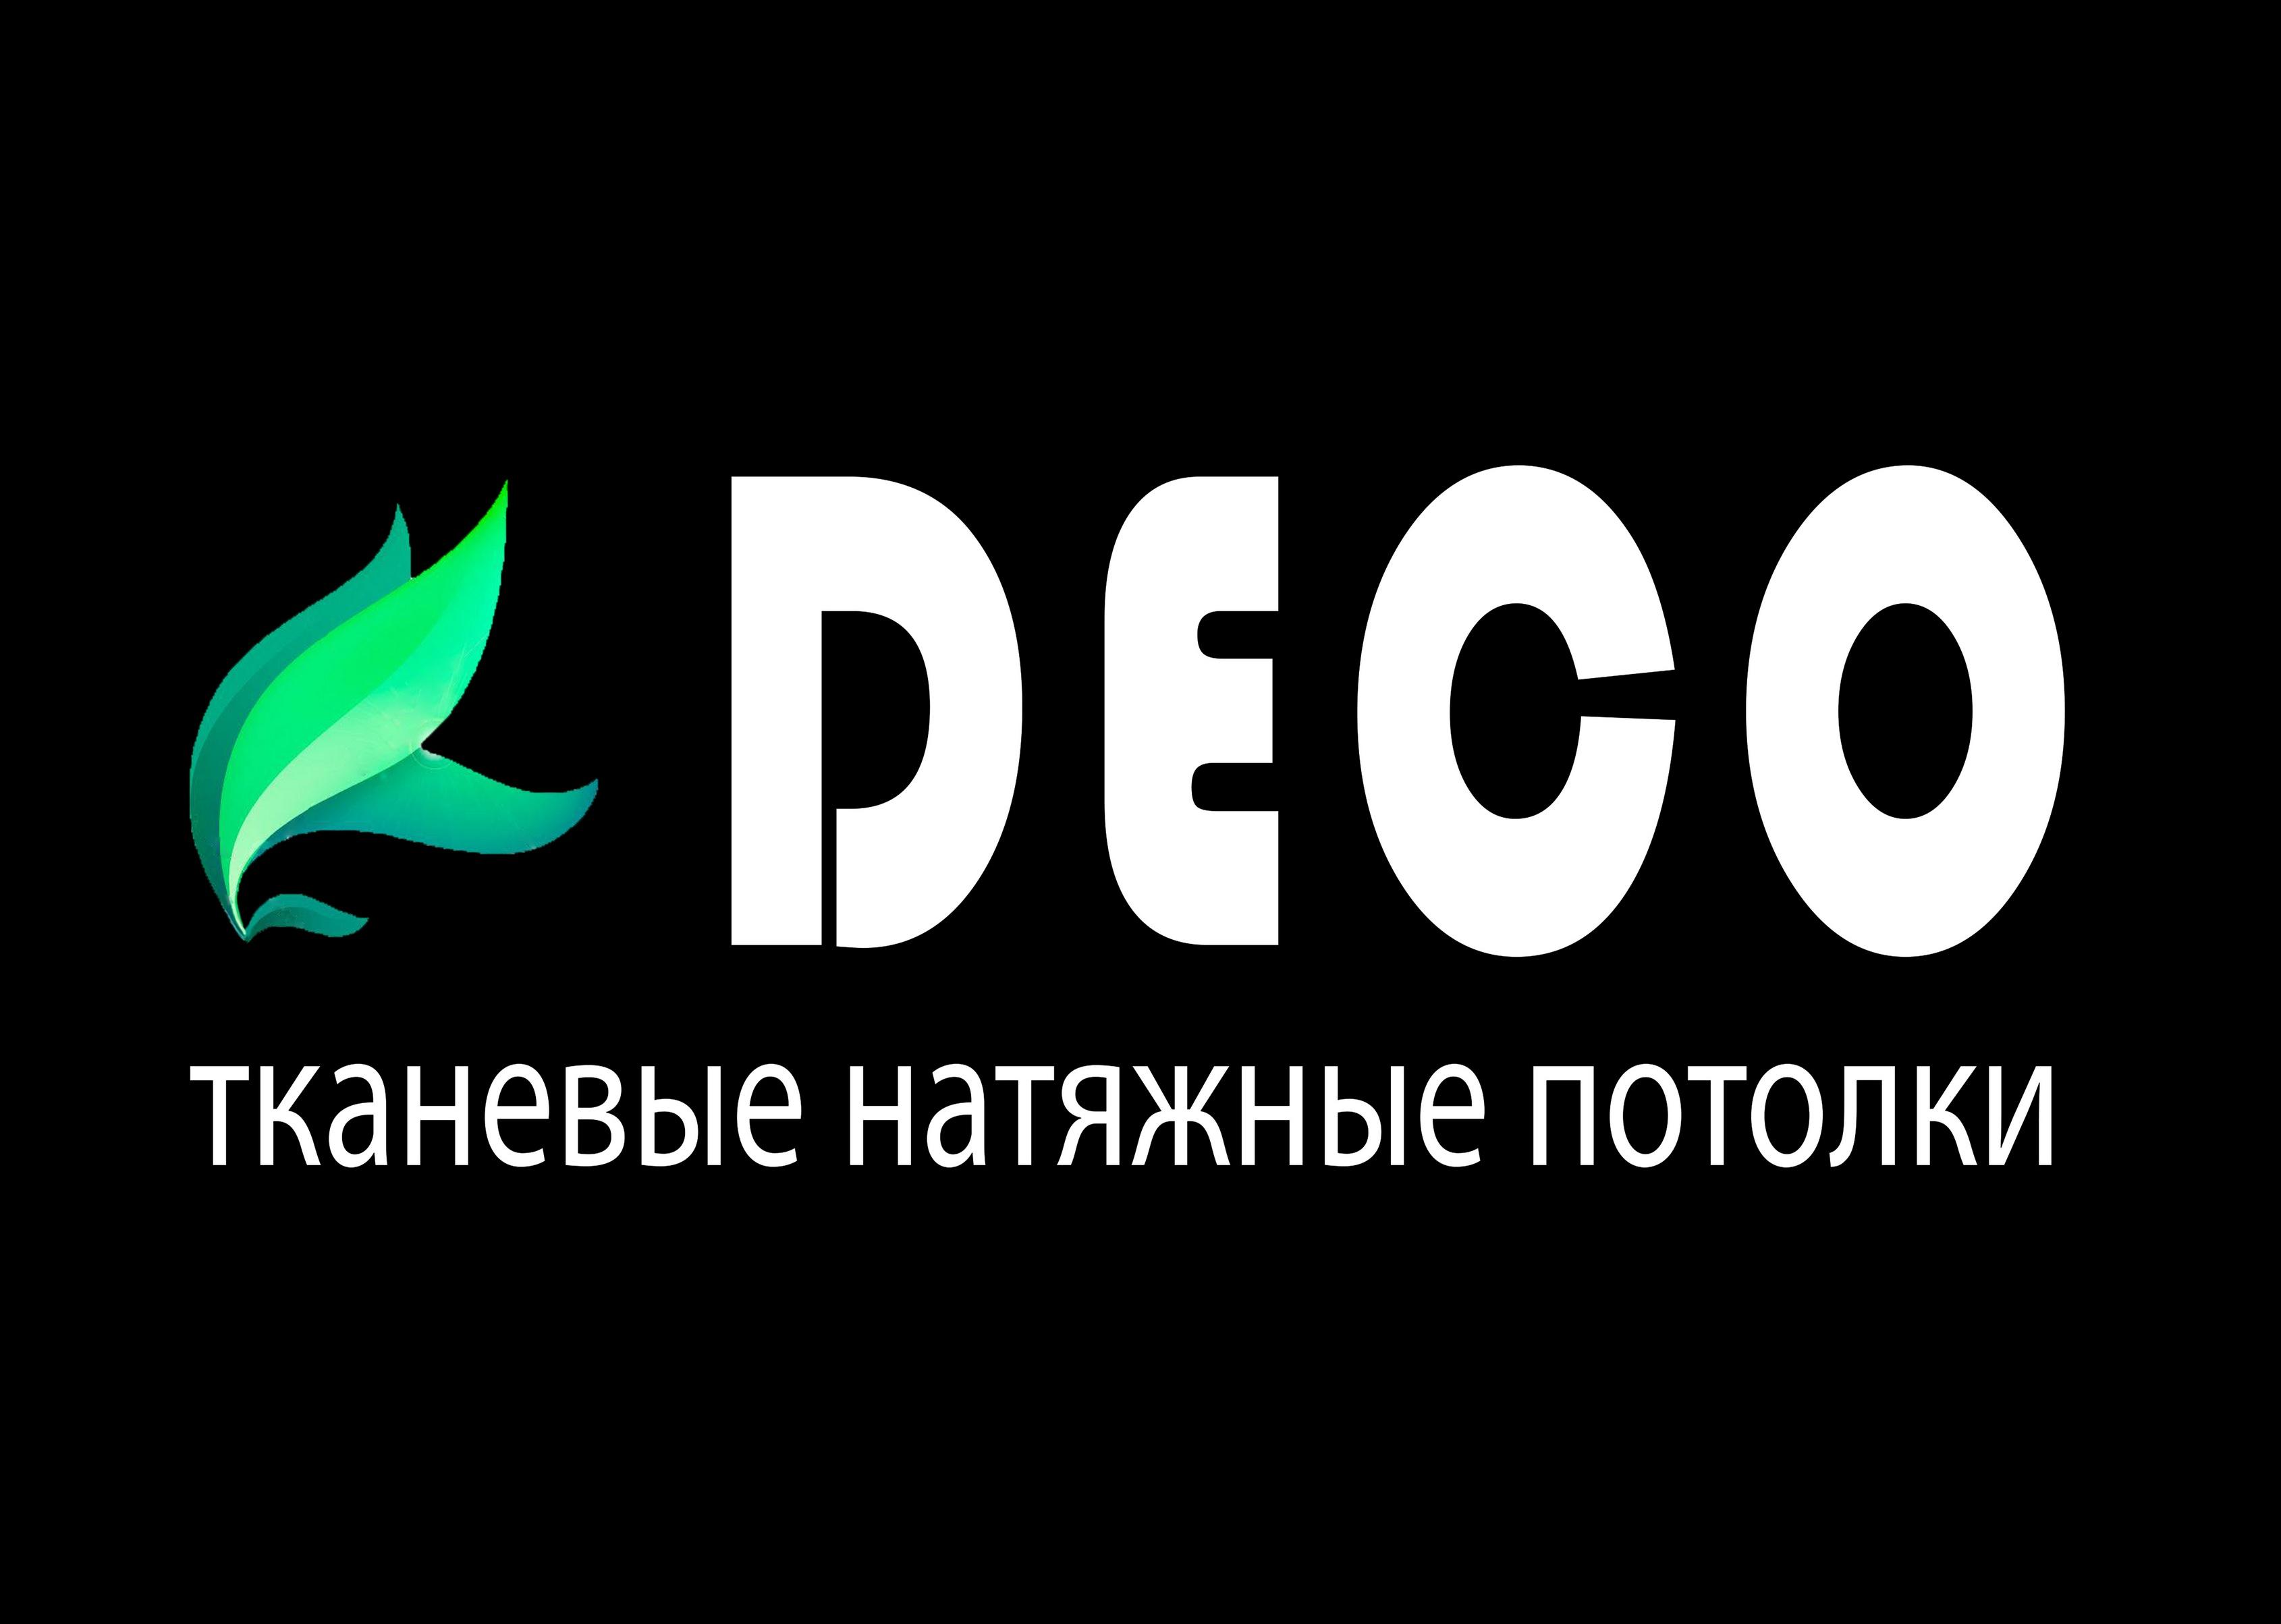 Фото Натяжные потолки DECO